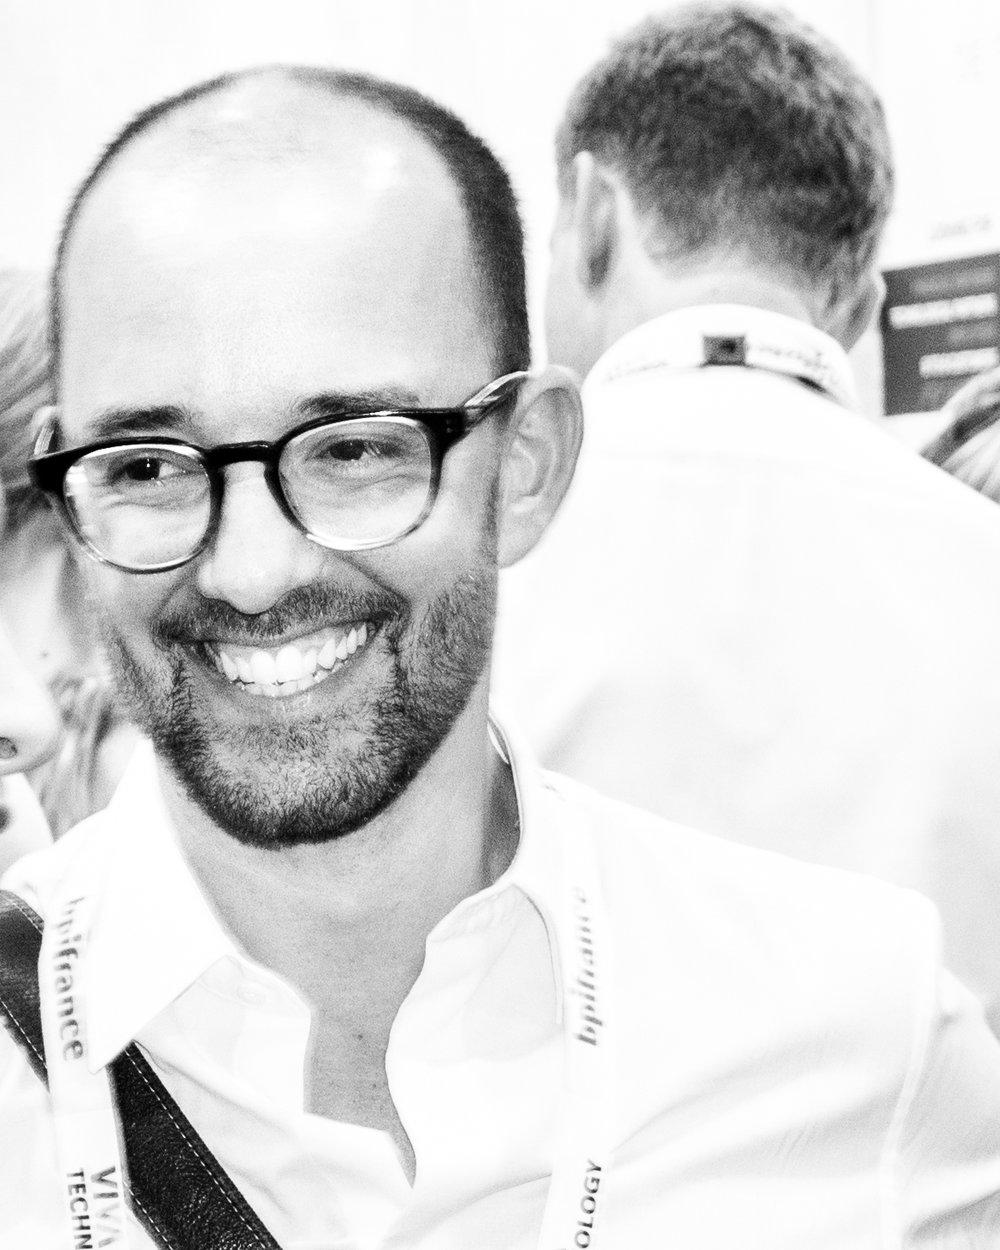 Jean-Noël Chaintreuil - Expert Transformation des Organisations            Directeur Général et Co-Fondateur Retail FactoryDiplômé de Management et de Finance,Jean-Noël travaille depuis plus de 15 ans dans l'accompagnement au changement et la mise en place de stratégies disruptives pour de grandes industries et marques.Ses domaines d'expertise sont dans la compréhension des cultures et la mise en place d'expériences d'apprentissage.Il a créé et dirige le laboratoire d'acculturation digitale 231E47 depuis 2013 et est co-fondateur de Retail Factory.